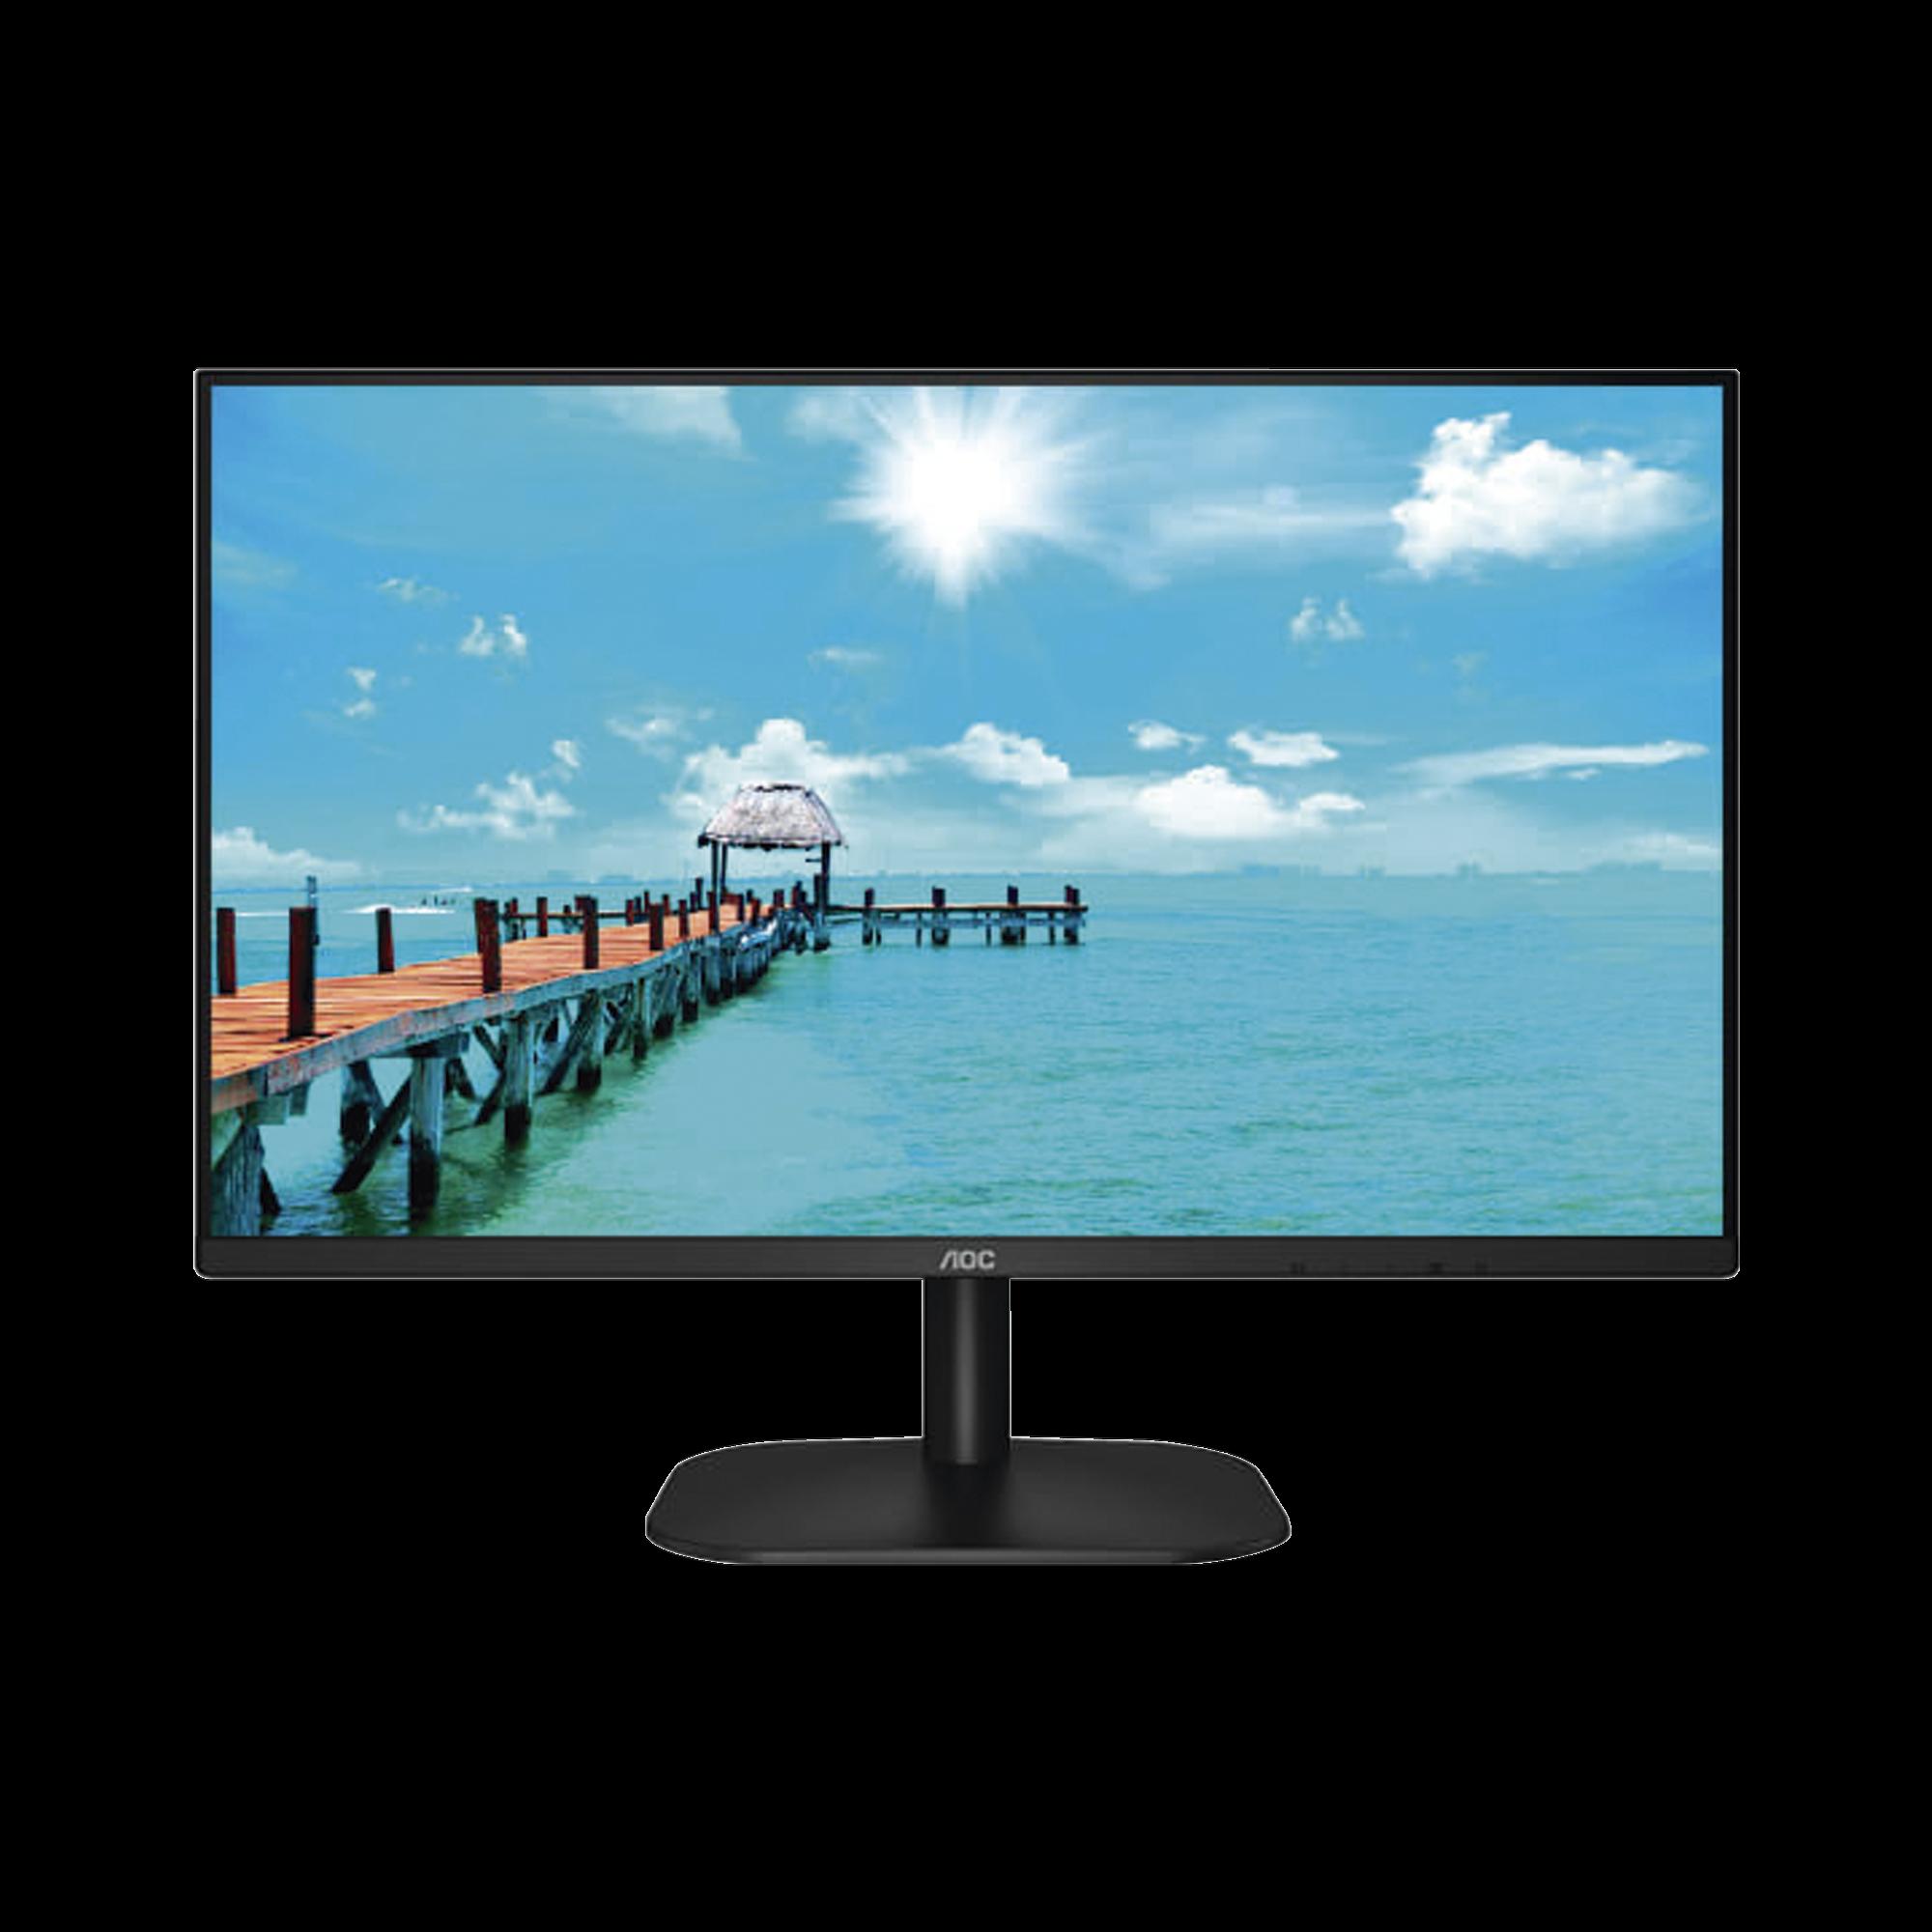 Monitor LED de 27 VESA, Resolución 1920 x 1080 Pixeles,  Entradas de Video VGA / HDMI. Panel IPS LCD  Backlight LED. Ultra Delgado